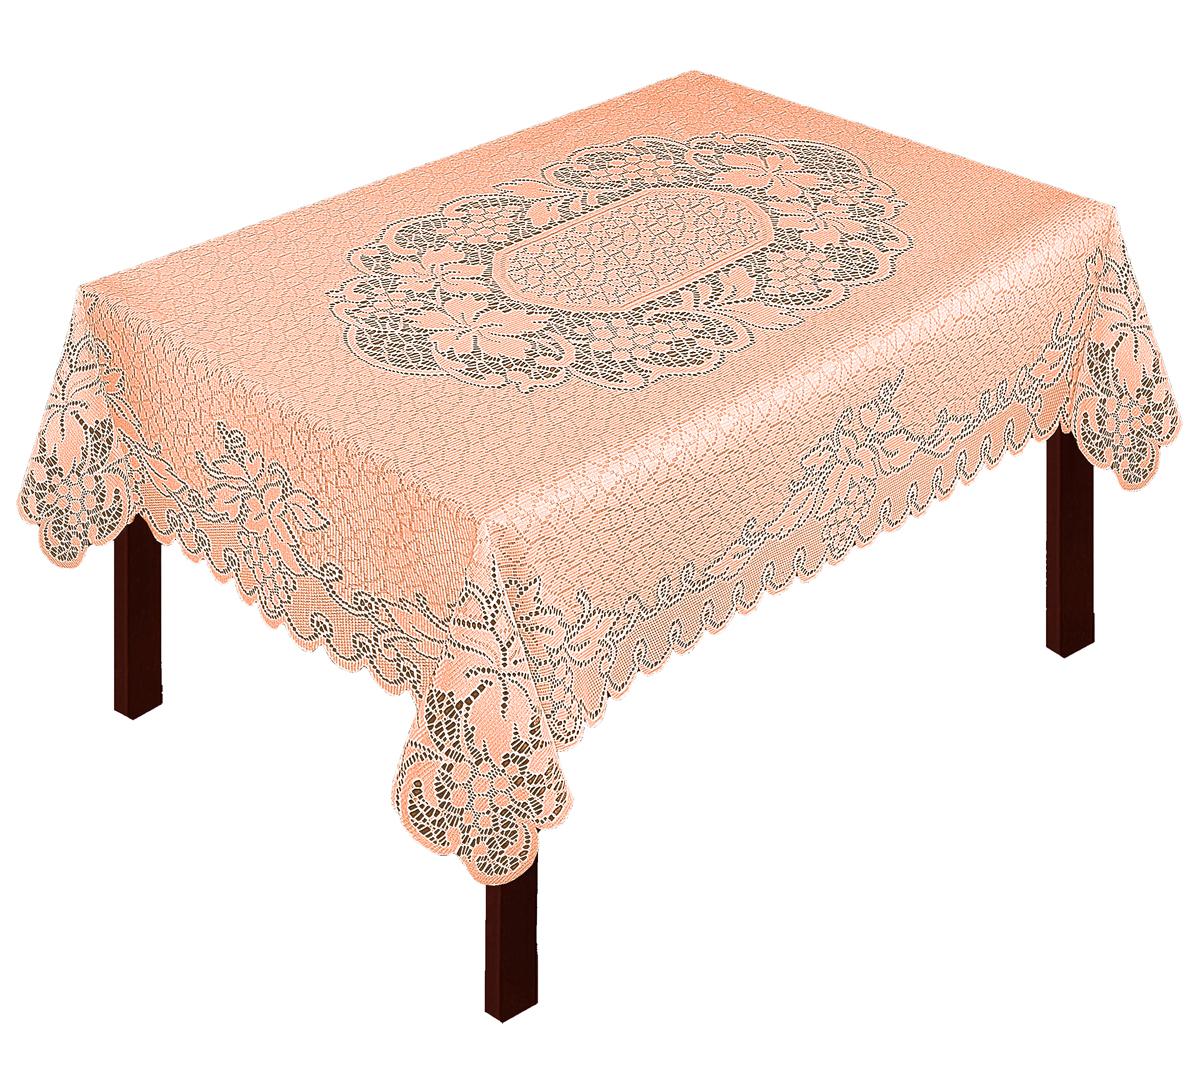 Скатерть Zlata Korunka, прямоугольная, цвет: терракотовый, 125 х 90 смВетерок 2ГФВеликолепная скатерть Zlata Korunka, выполненная из полиэстера жаккардового переплетения, органично впишется в интерьер любого помещения, а оригинальный дизайн удовлетворит даже самый изысканный вкус. Изделие не скользит со стола, легко стирается и прослужит вам долгое время. Скатерть создаст праздничное настроение и станет прекрасным дополнением интерьера гостиной, кухни или столовой.